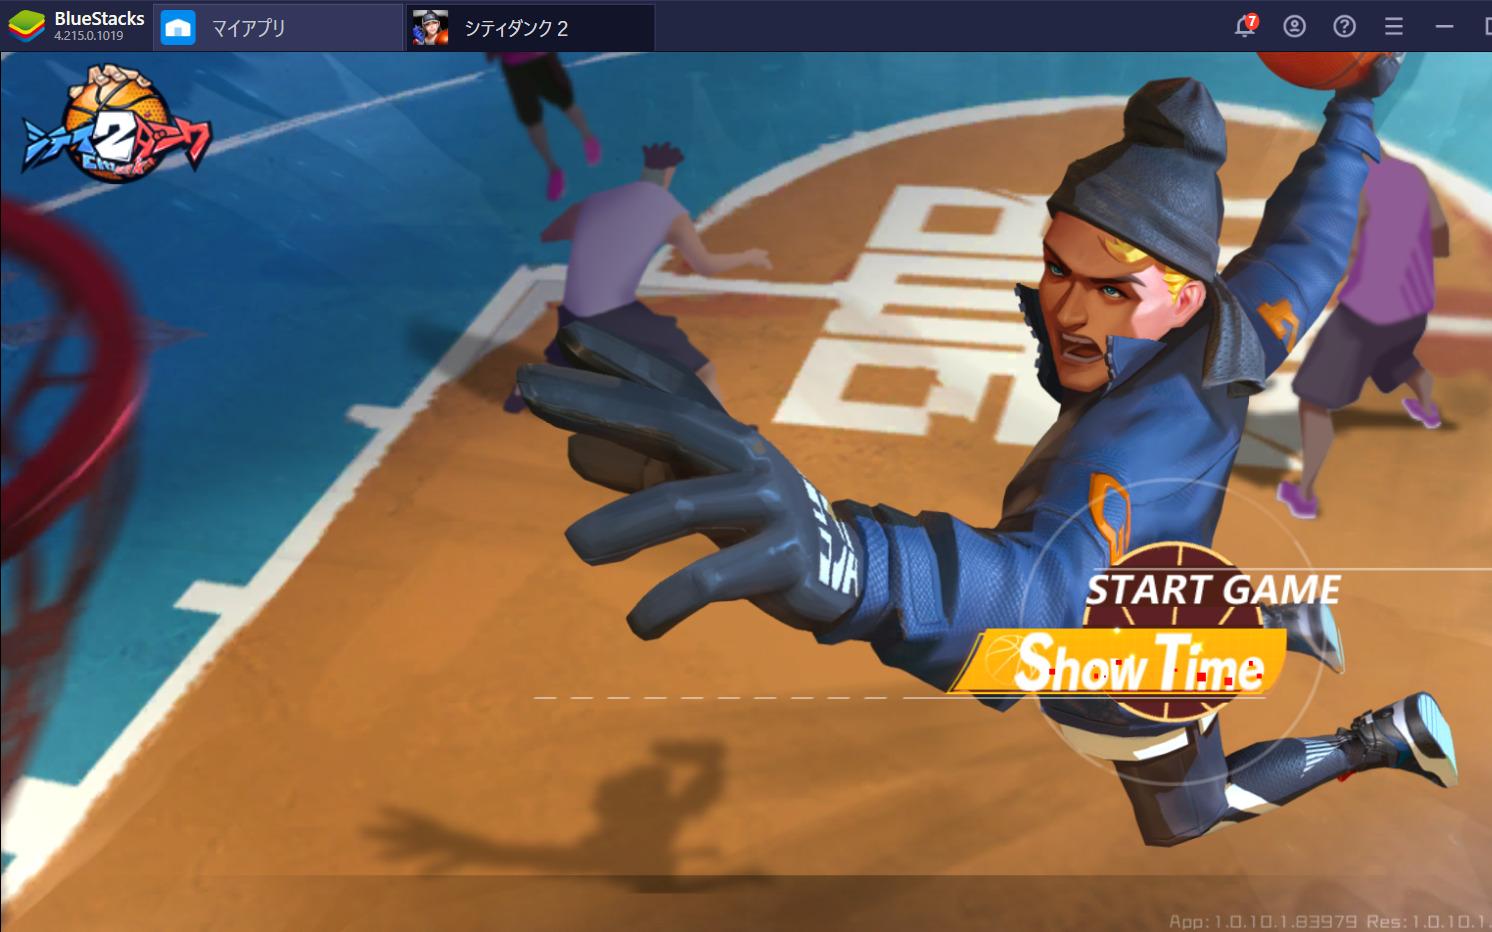 BlueStacksを使ってPCで『シティダンク2』を遊ぼう